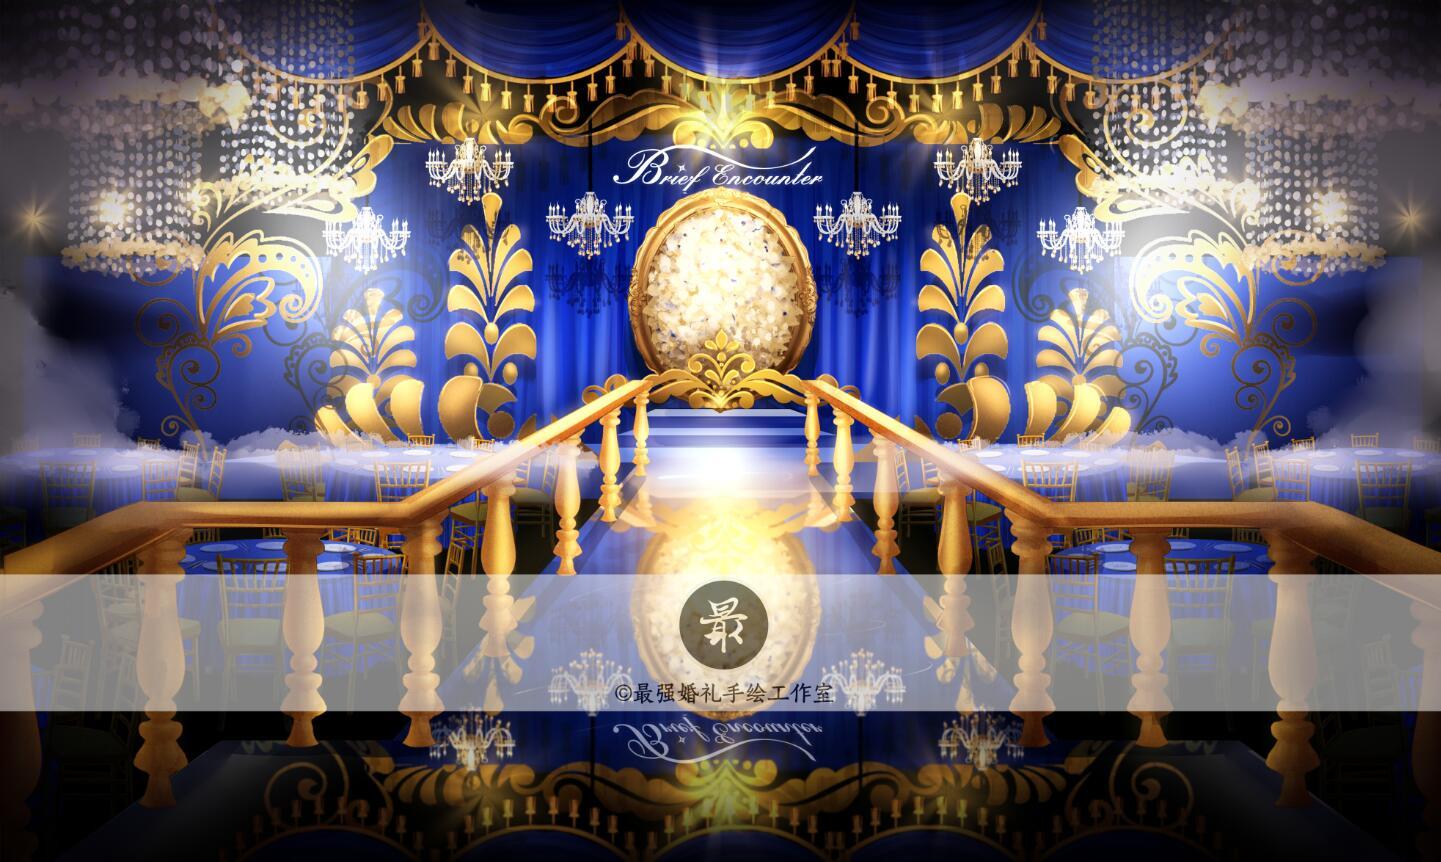 【婚礼手绘】电脑手绘—蓝金厅内效果图